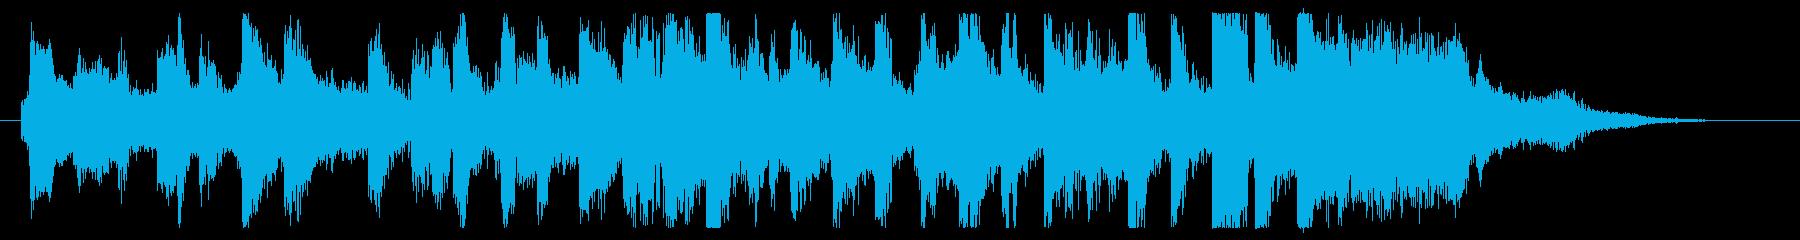 楽し気なラボのオープニングジングルの再生済みの波形